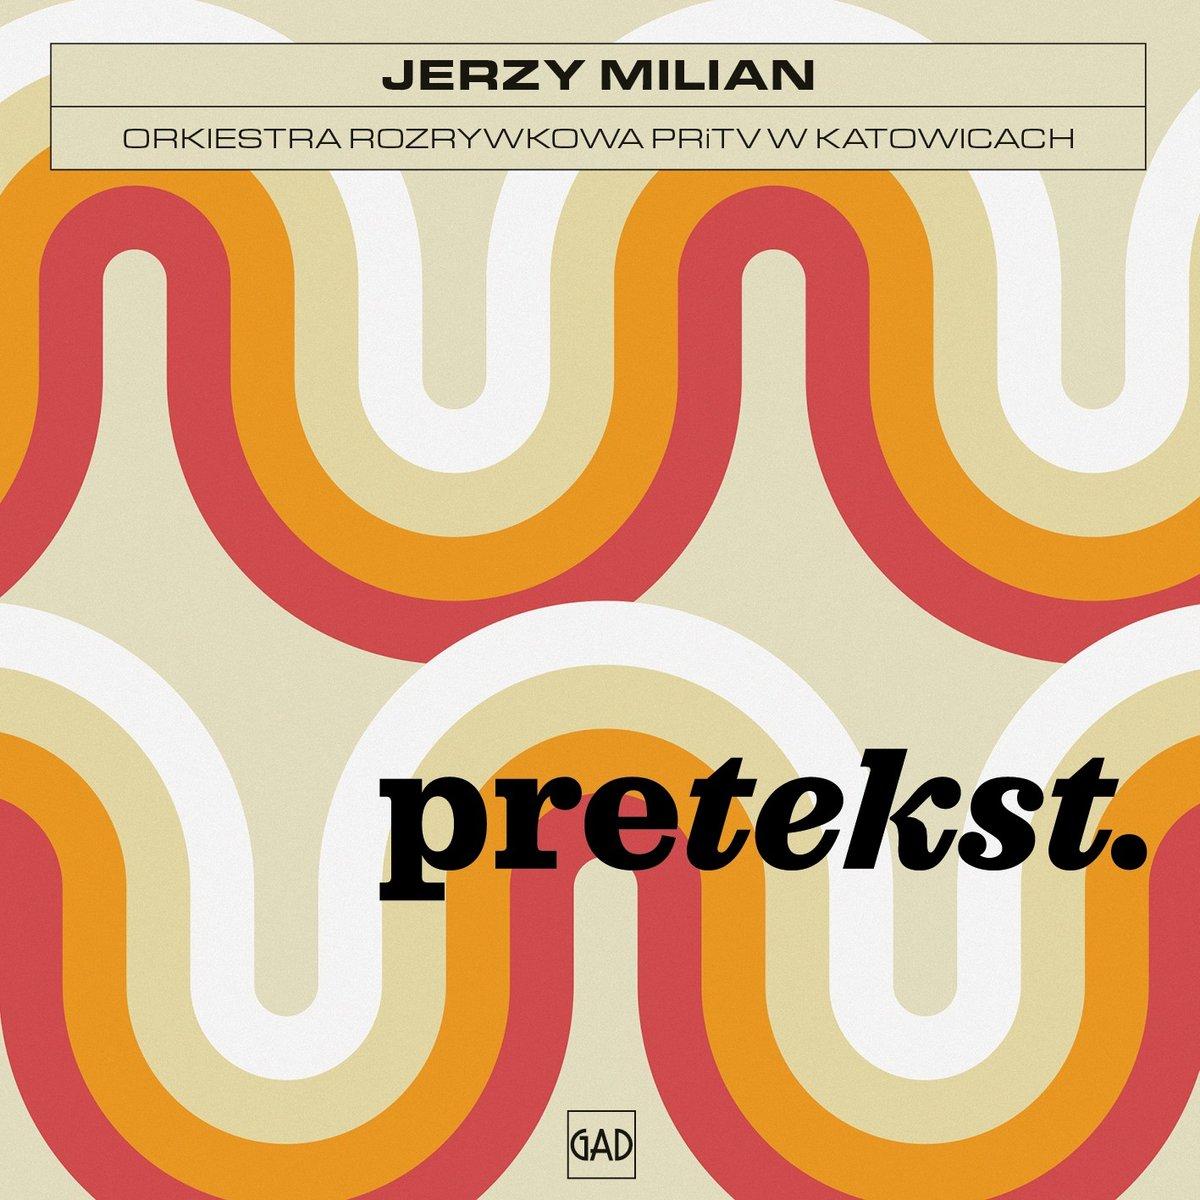 Milian Jerzy – Pretekst